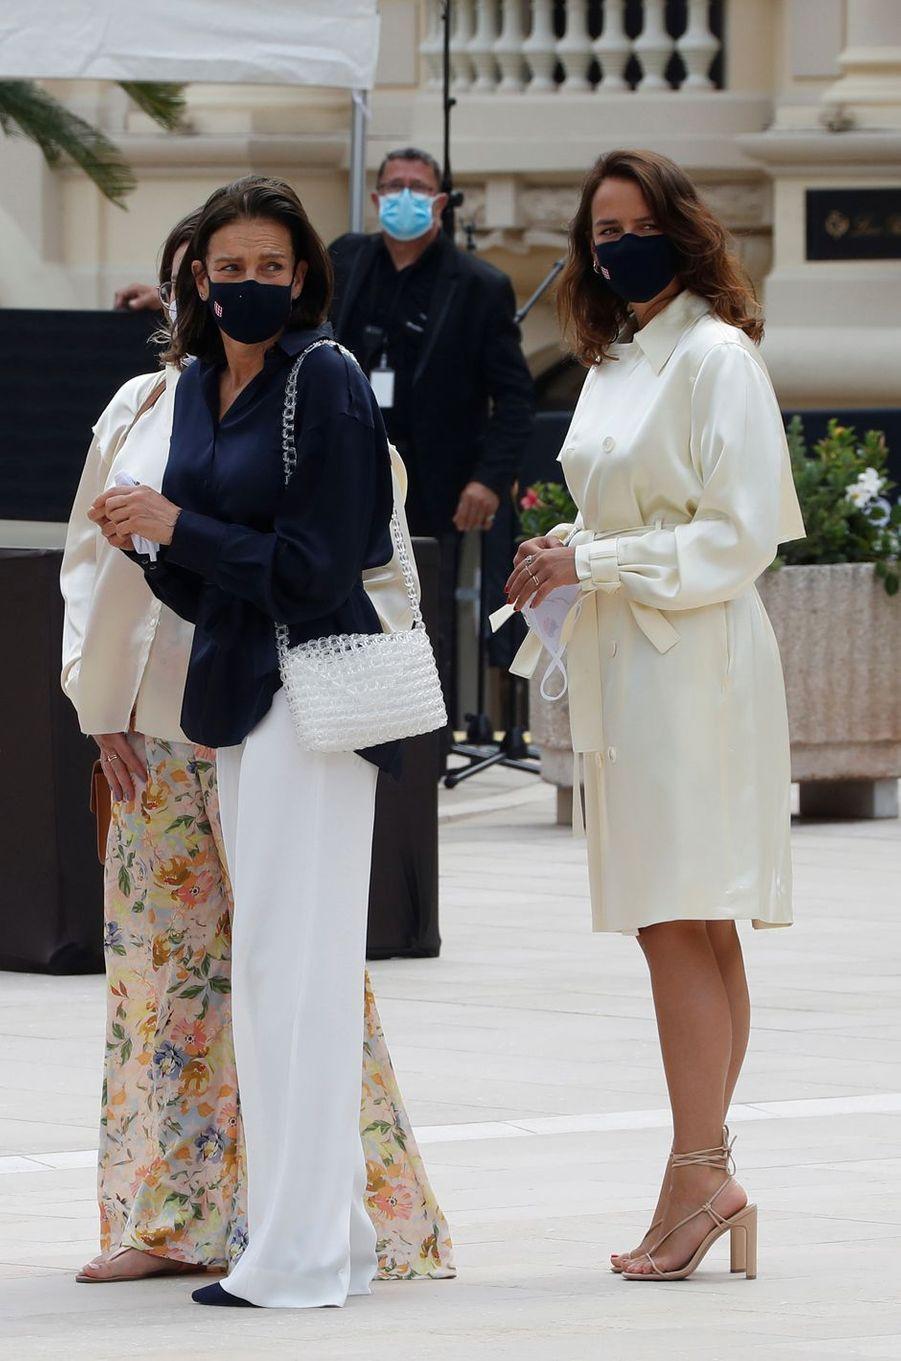 La princesse Stéphanie de Monaco avec ses filles à Monaco, le 2 juin 2020